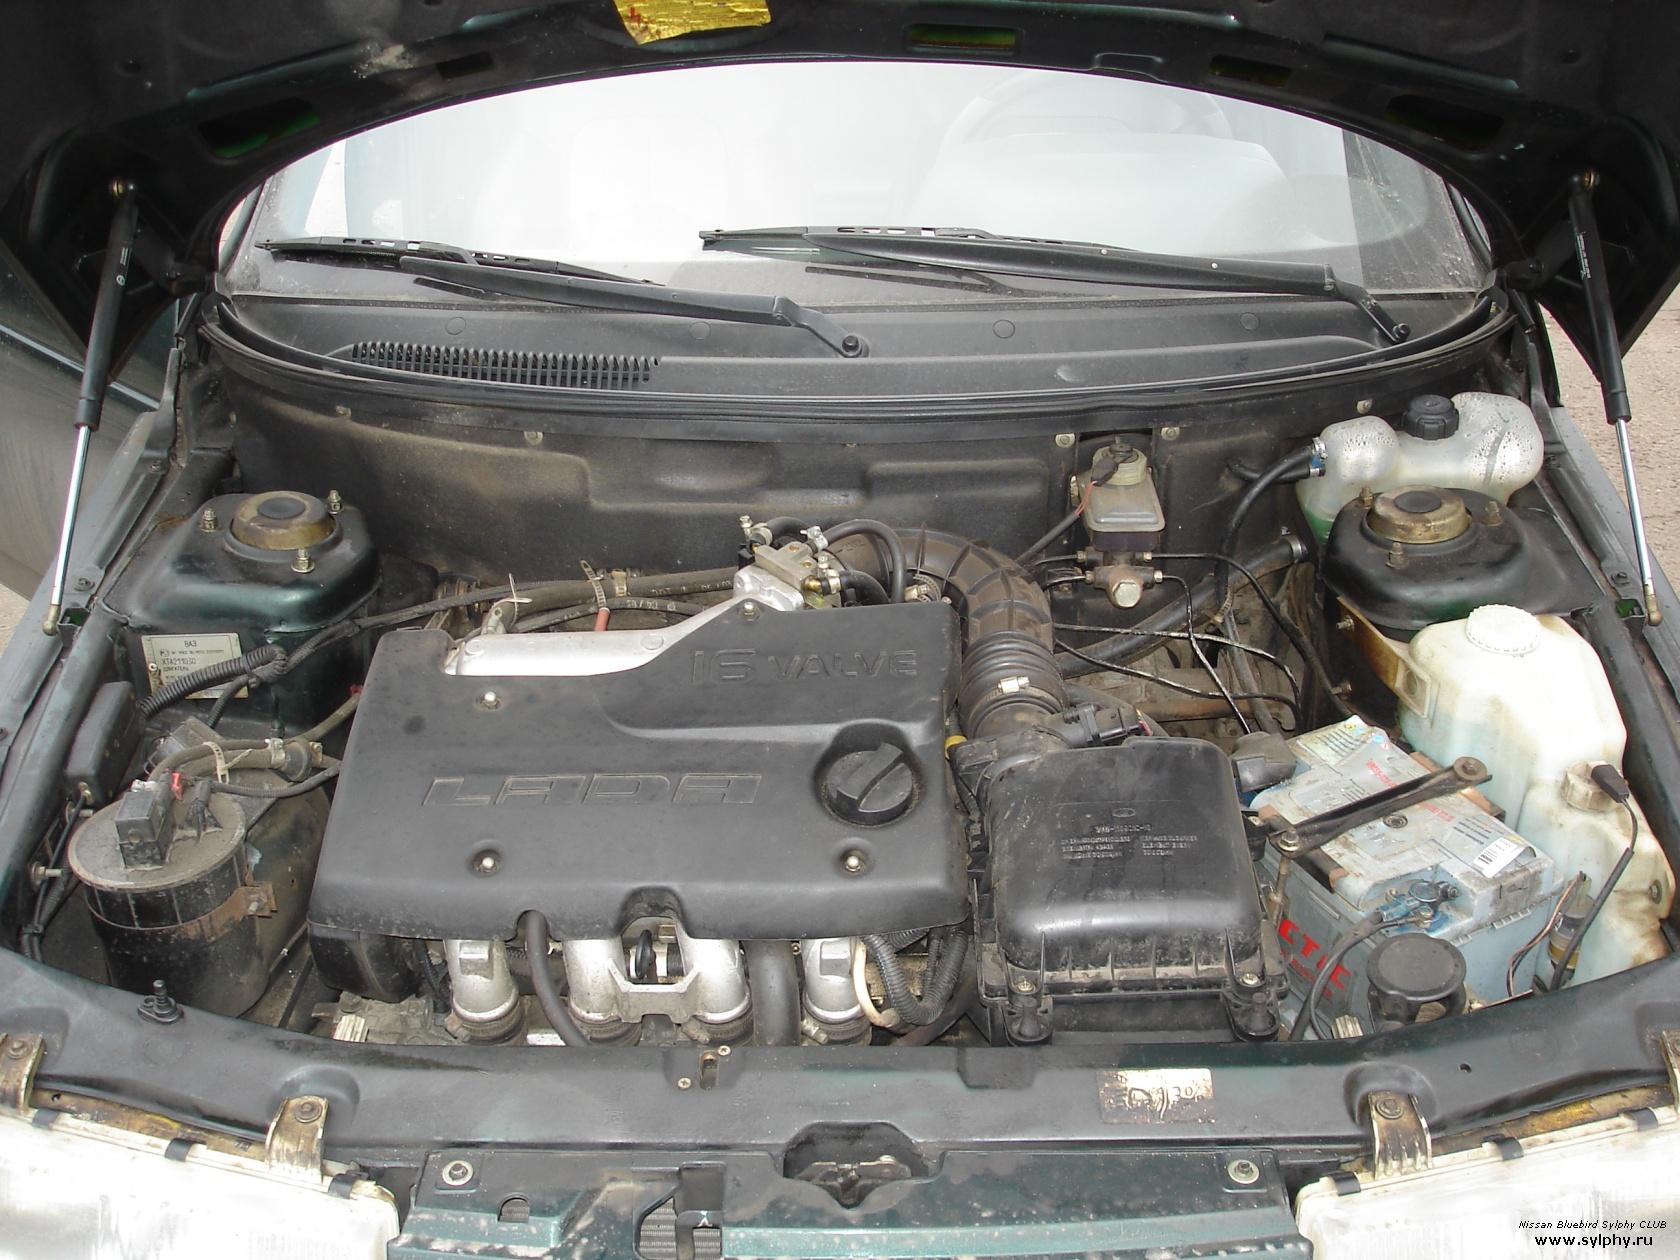 Фото №8 - как выглядит инжектор на ВАЗ 2110